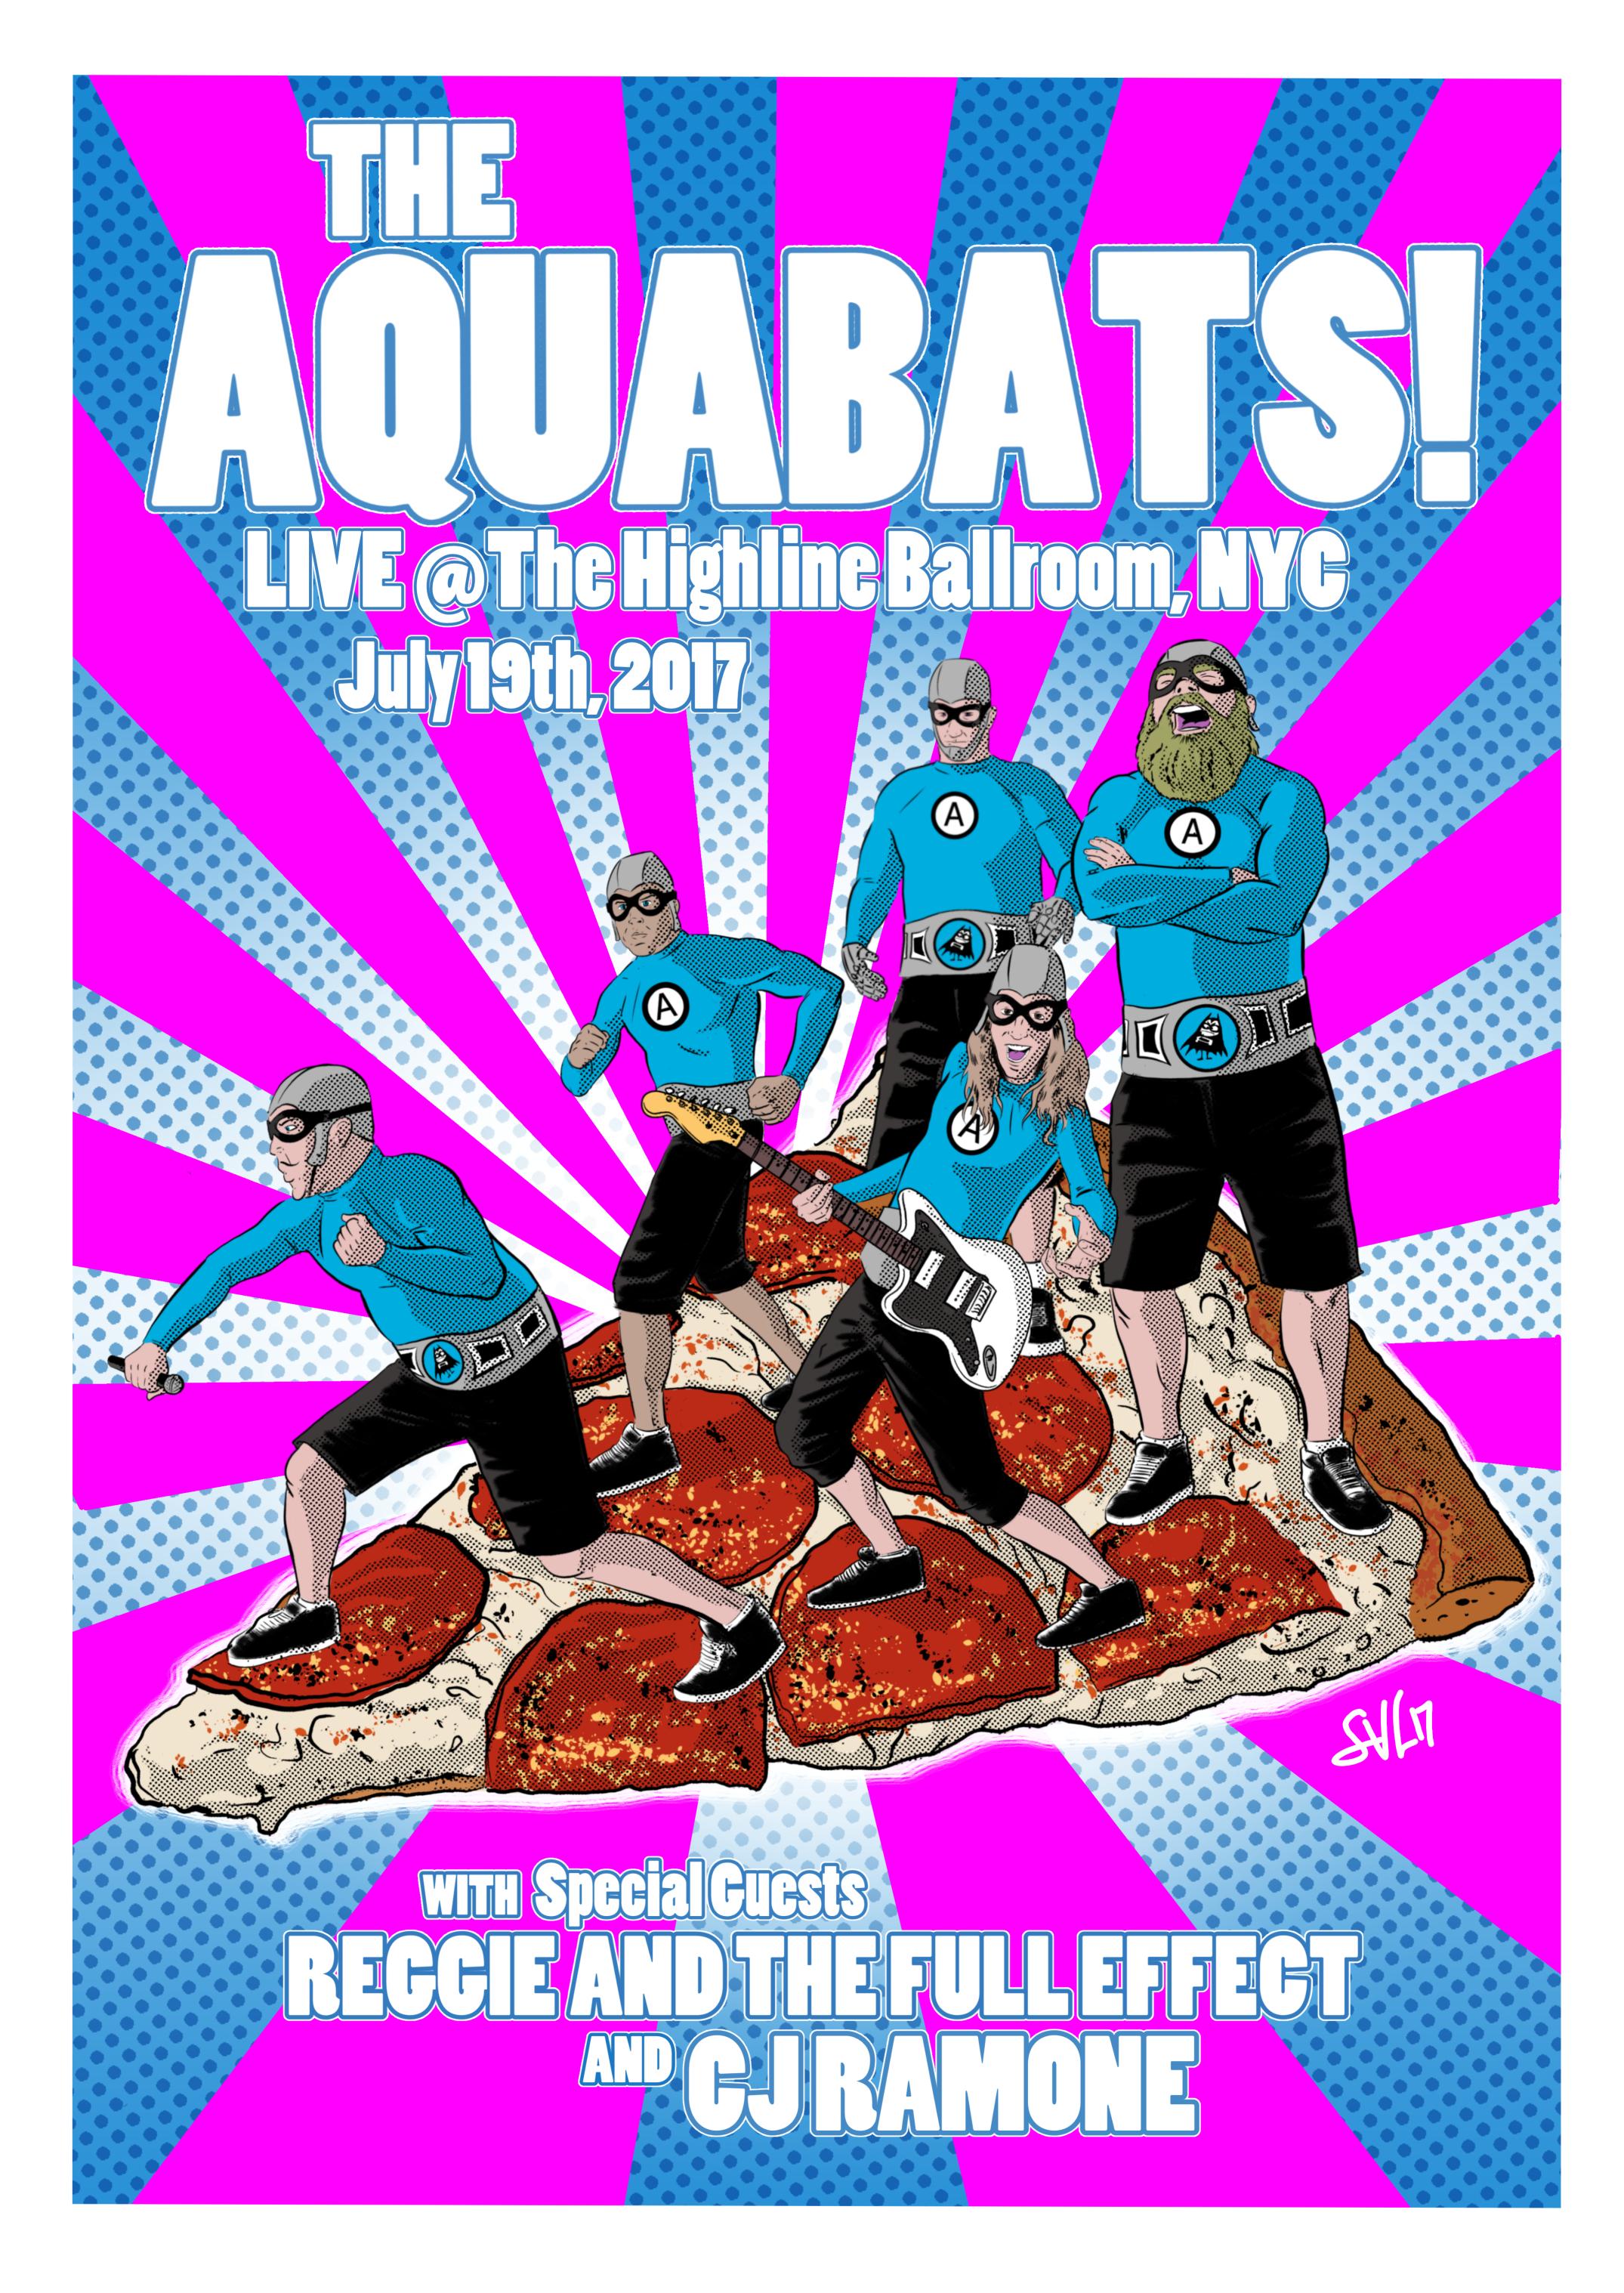 Aquabats Pizza Poster.jpg